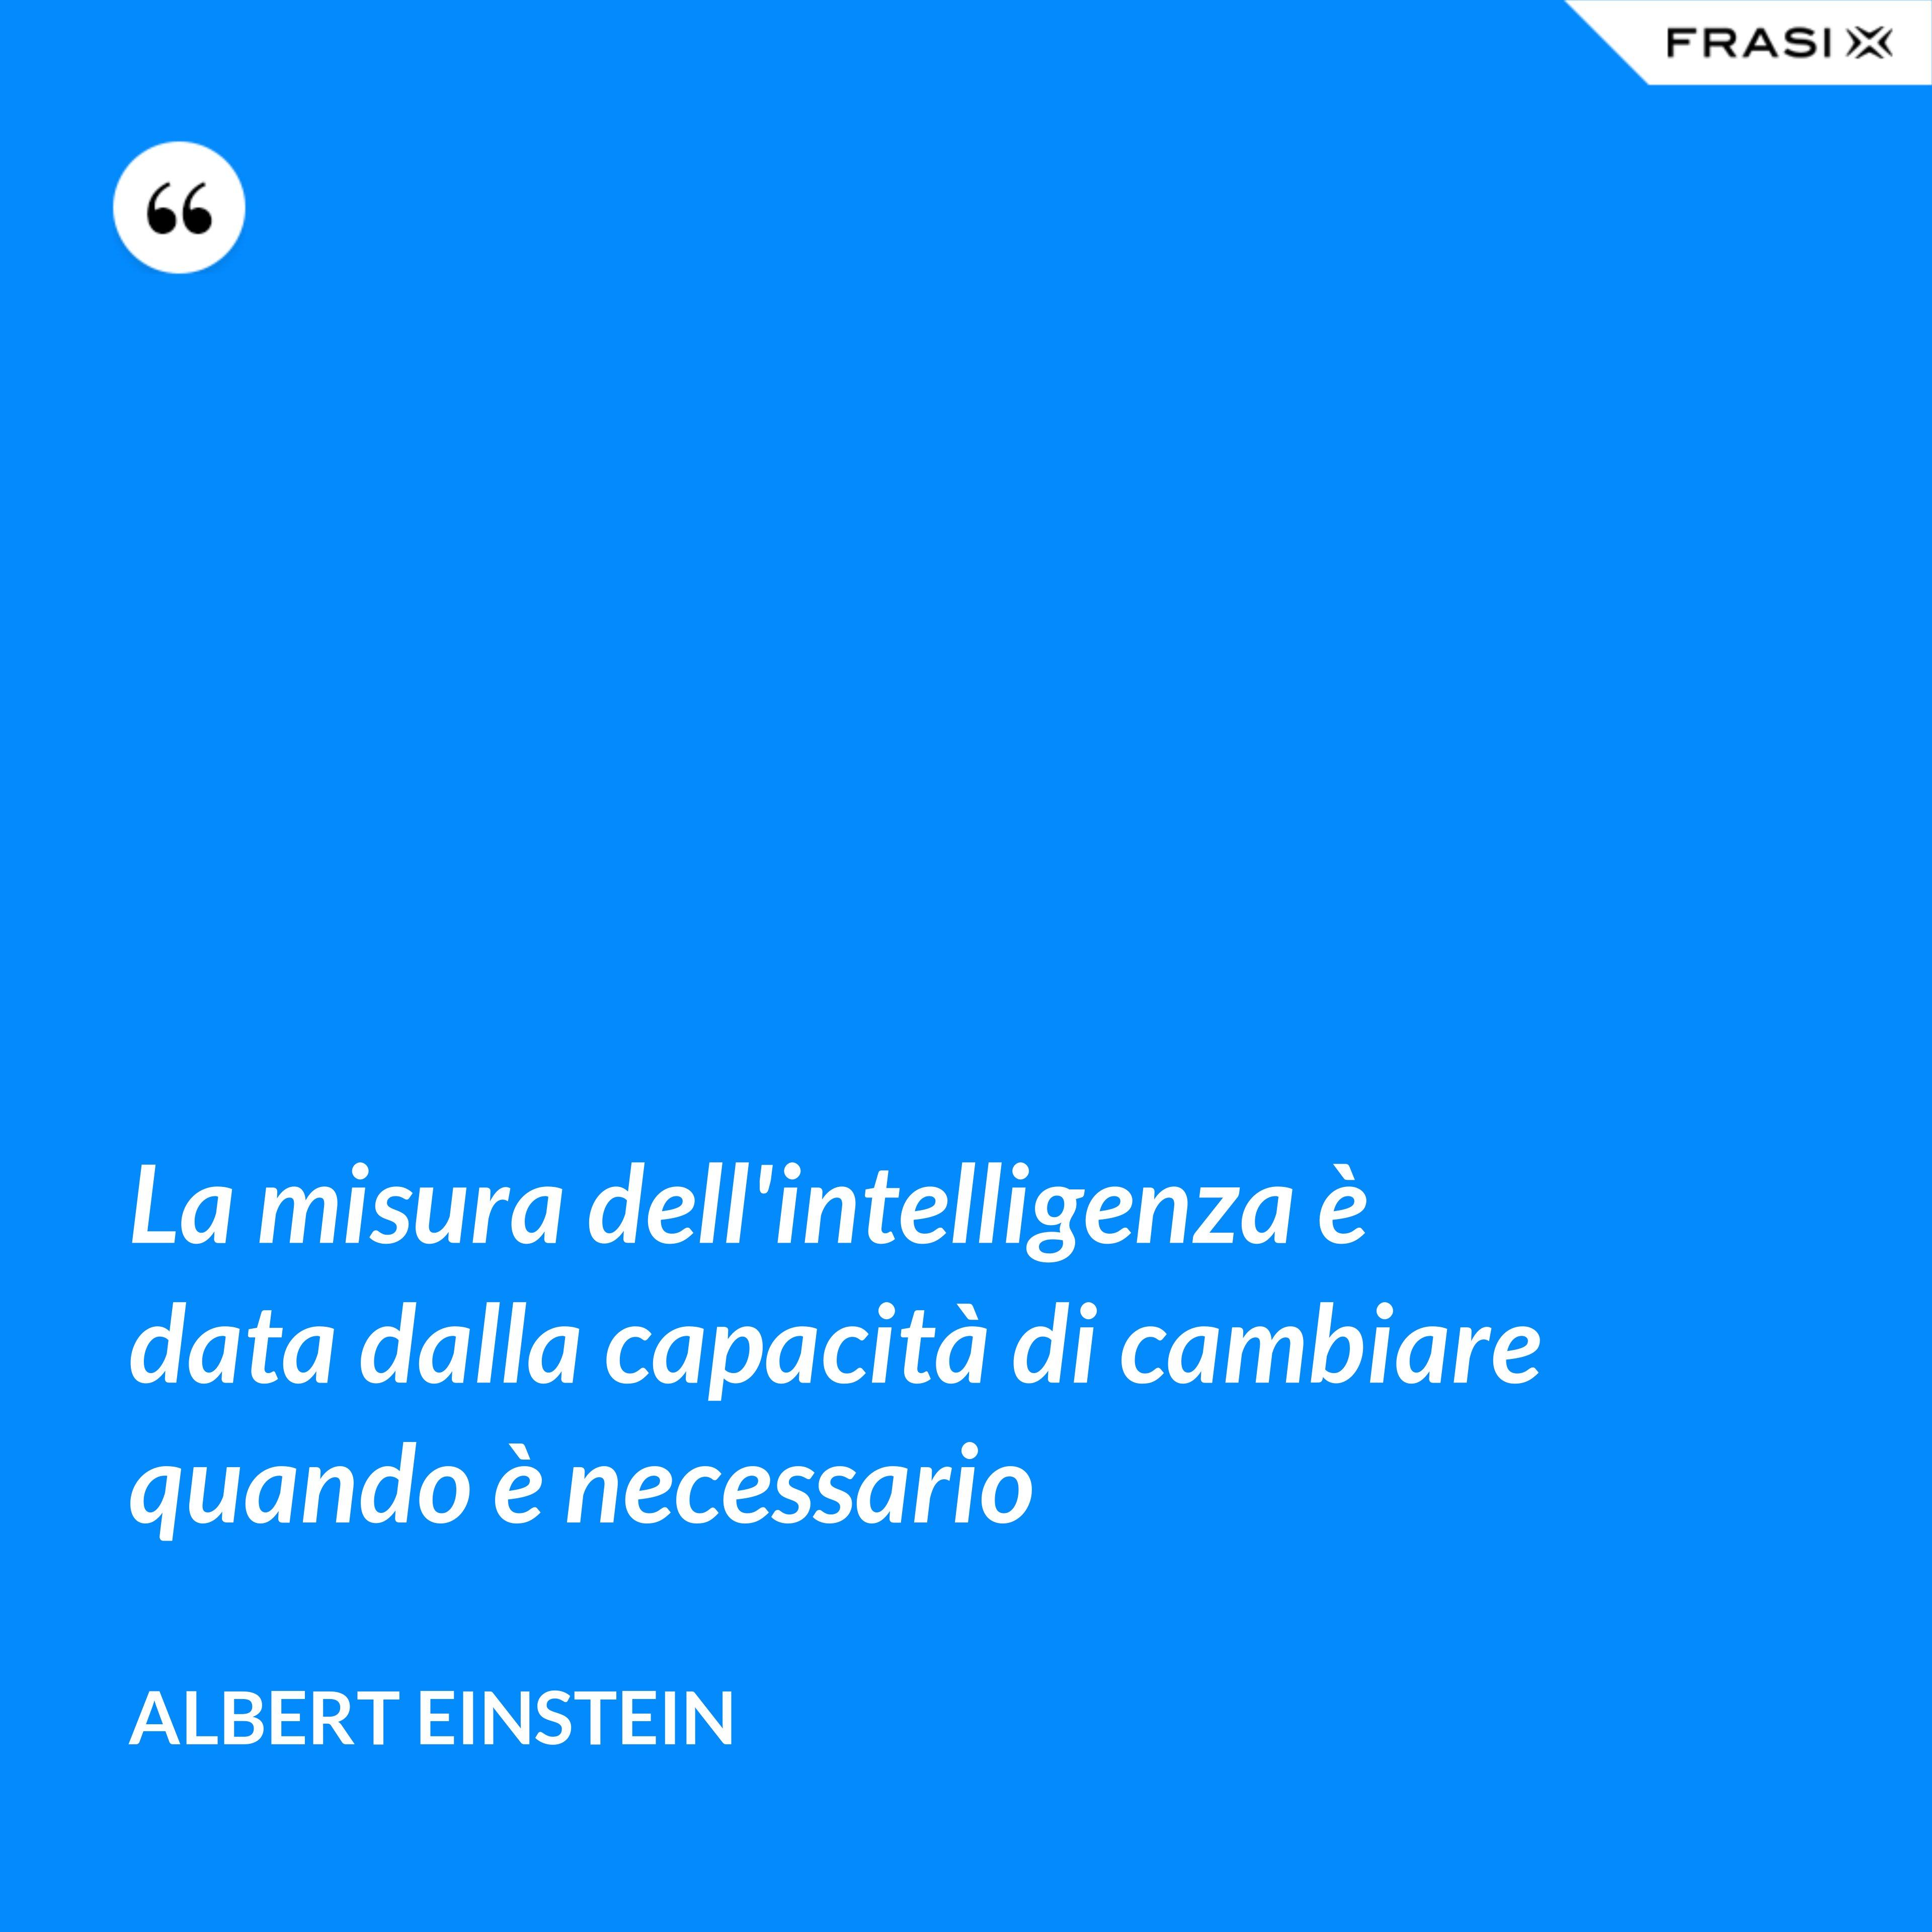 La misura dell'intelligenza è data dalla capacità di cambiare quando è necessario - Albert Einstein